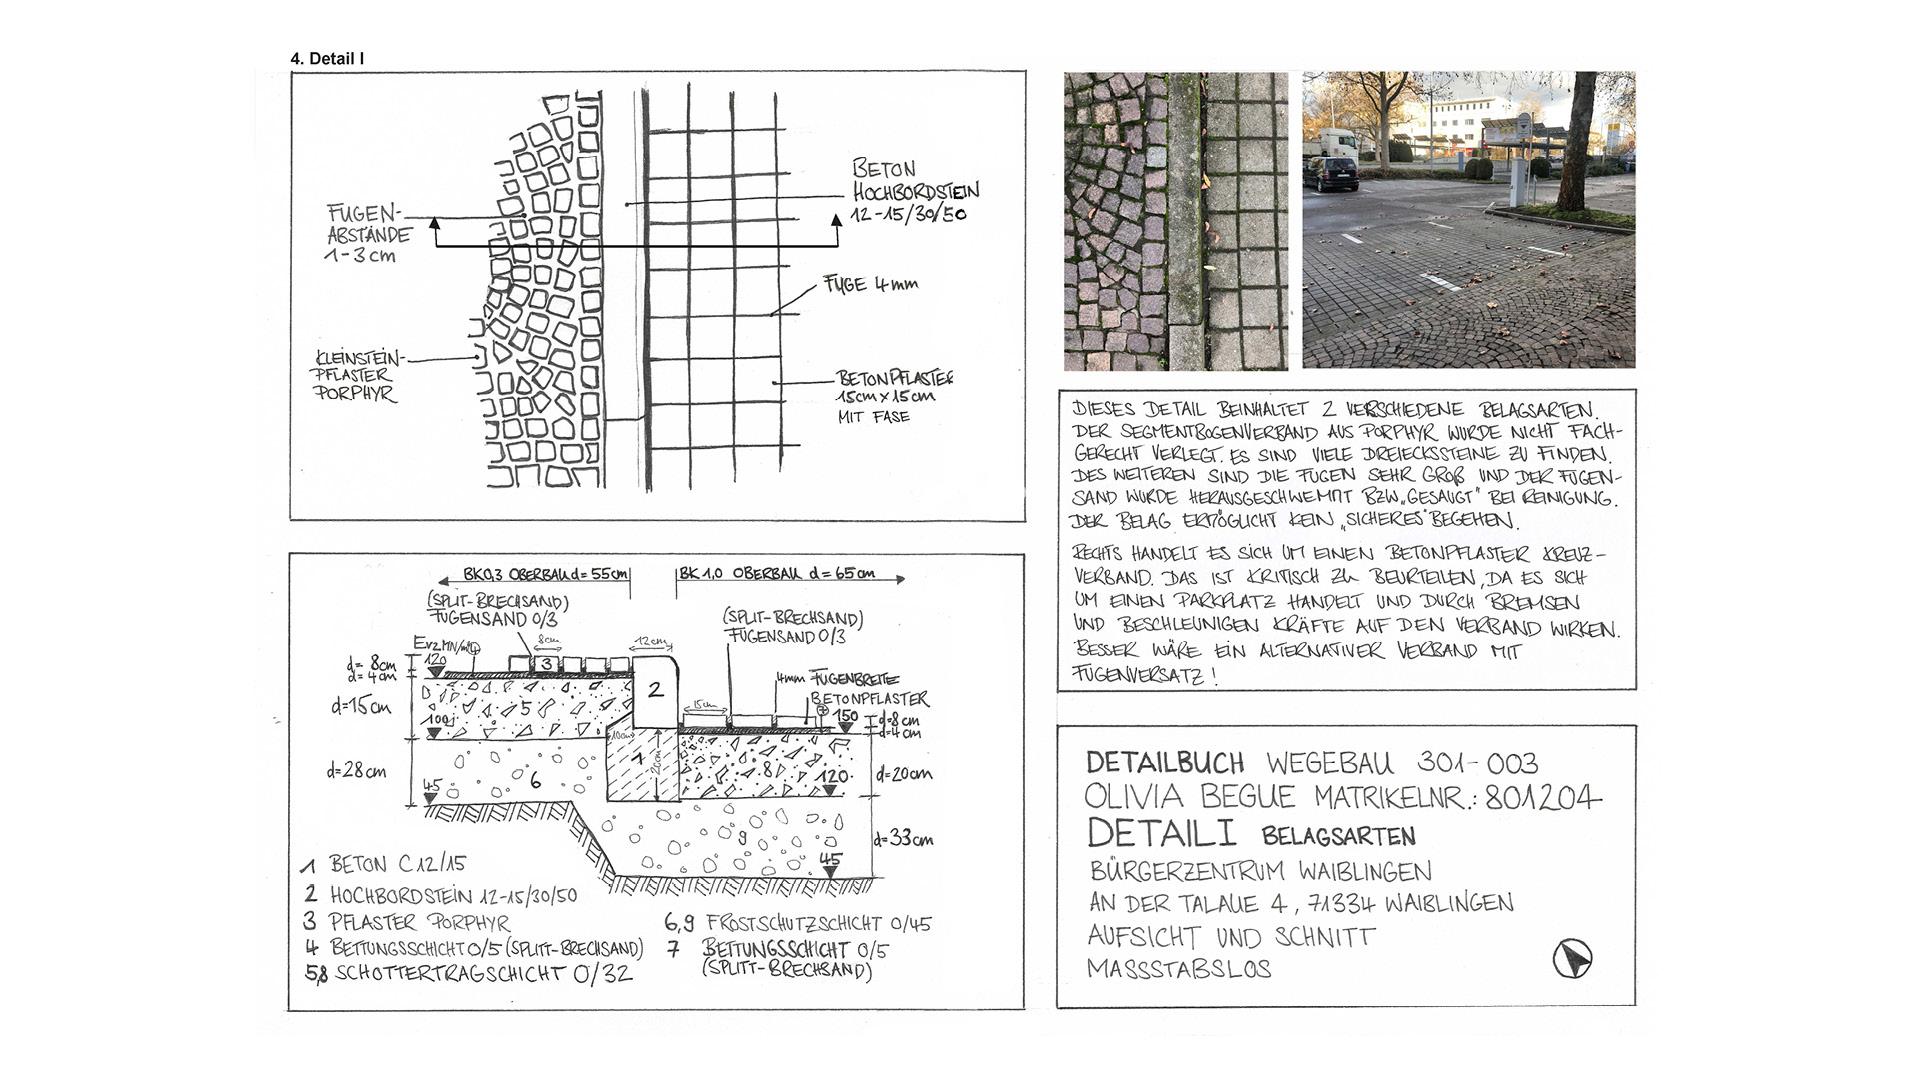 Detailbuch6